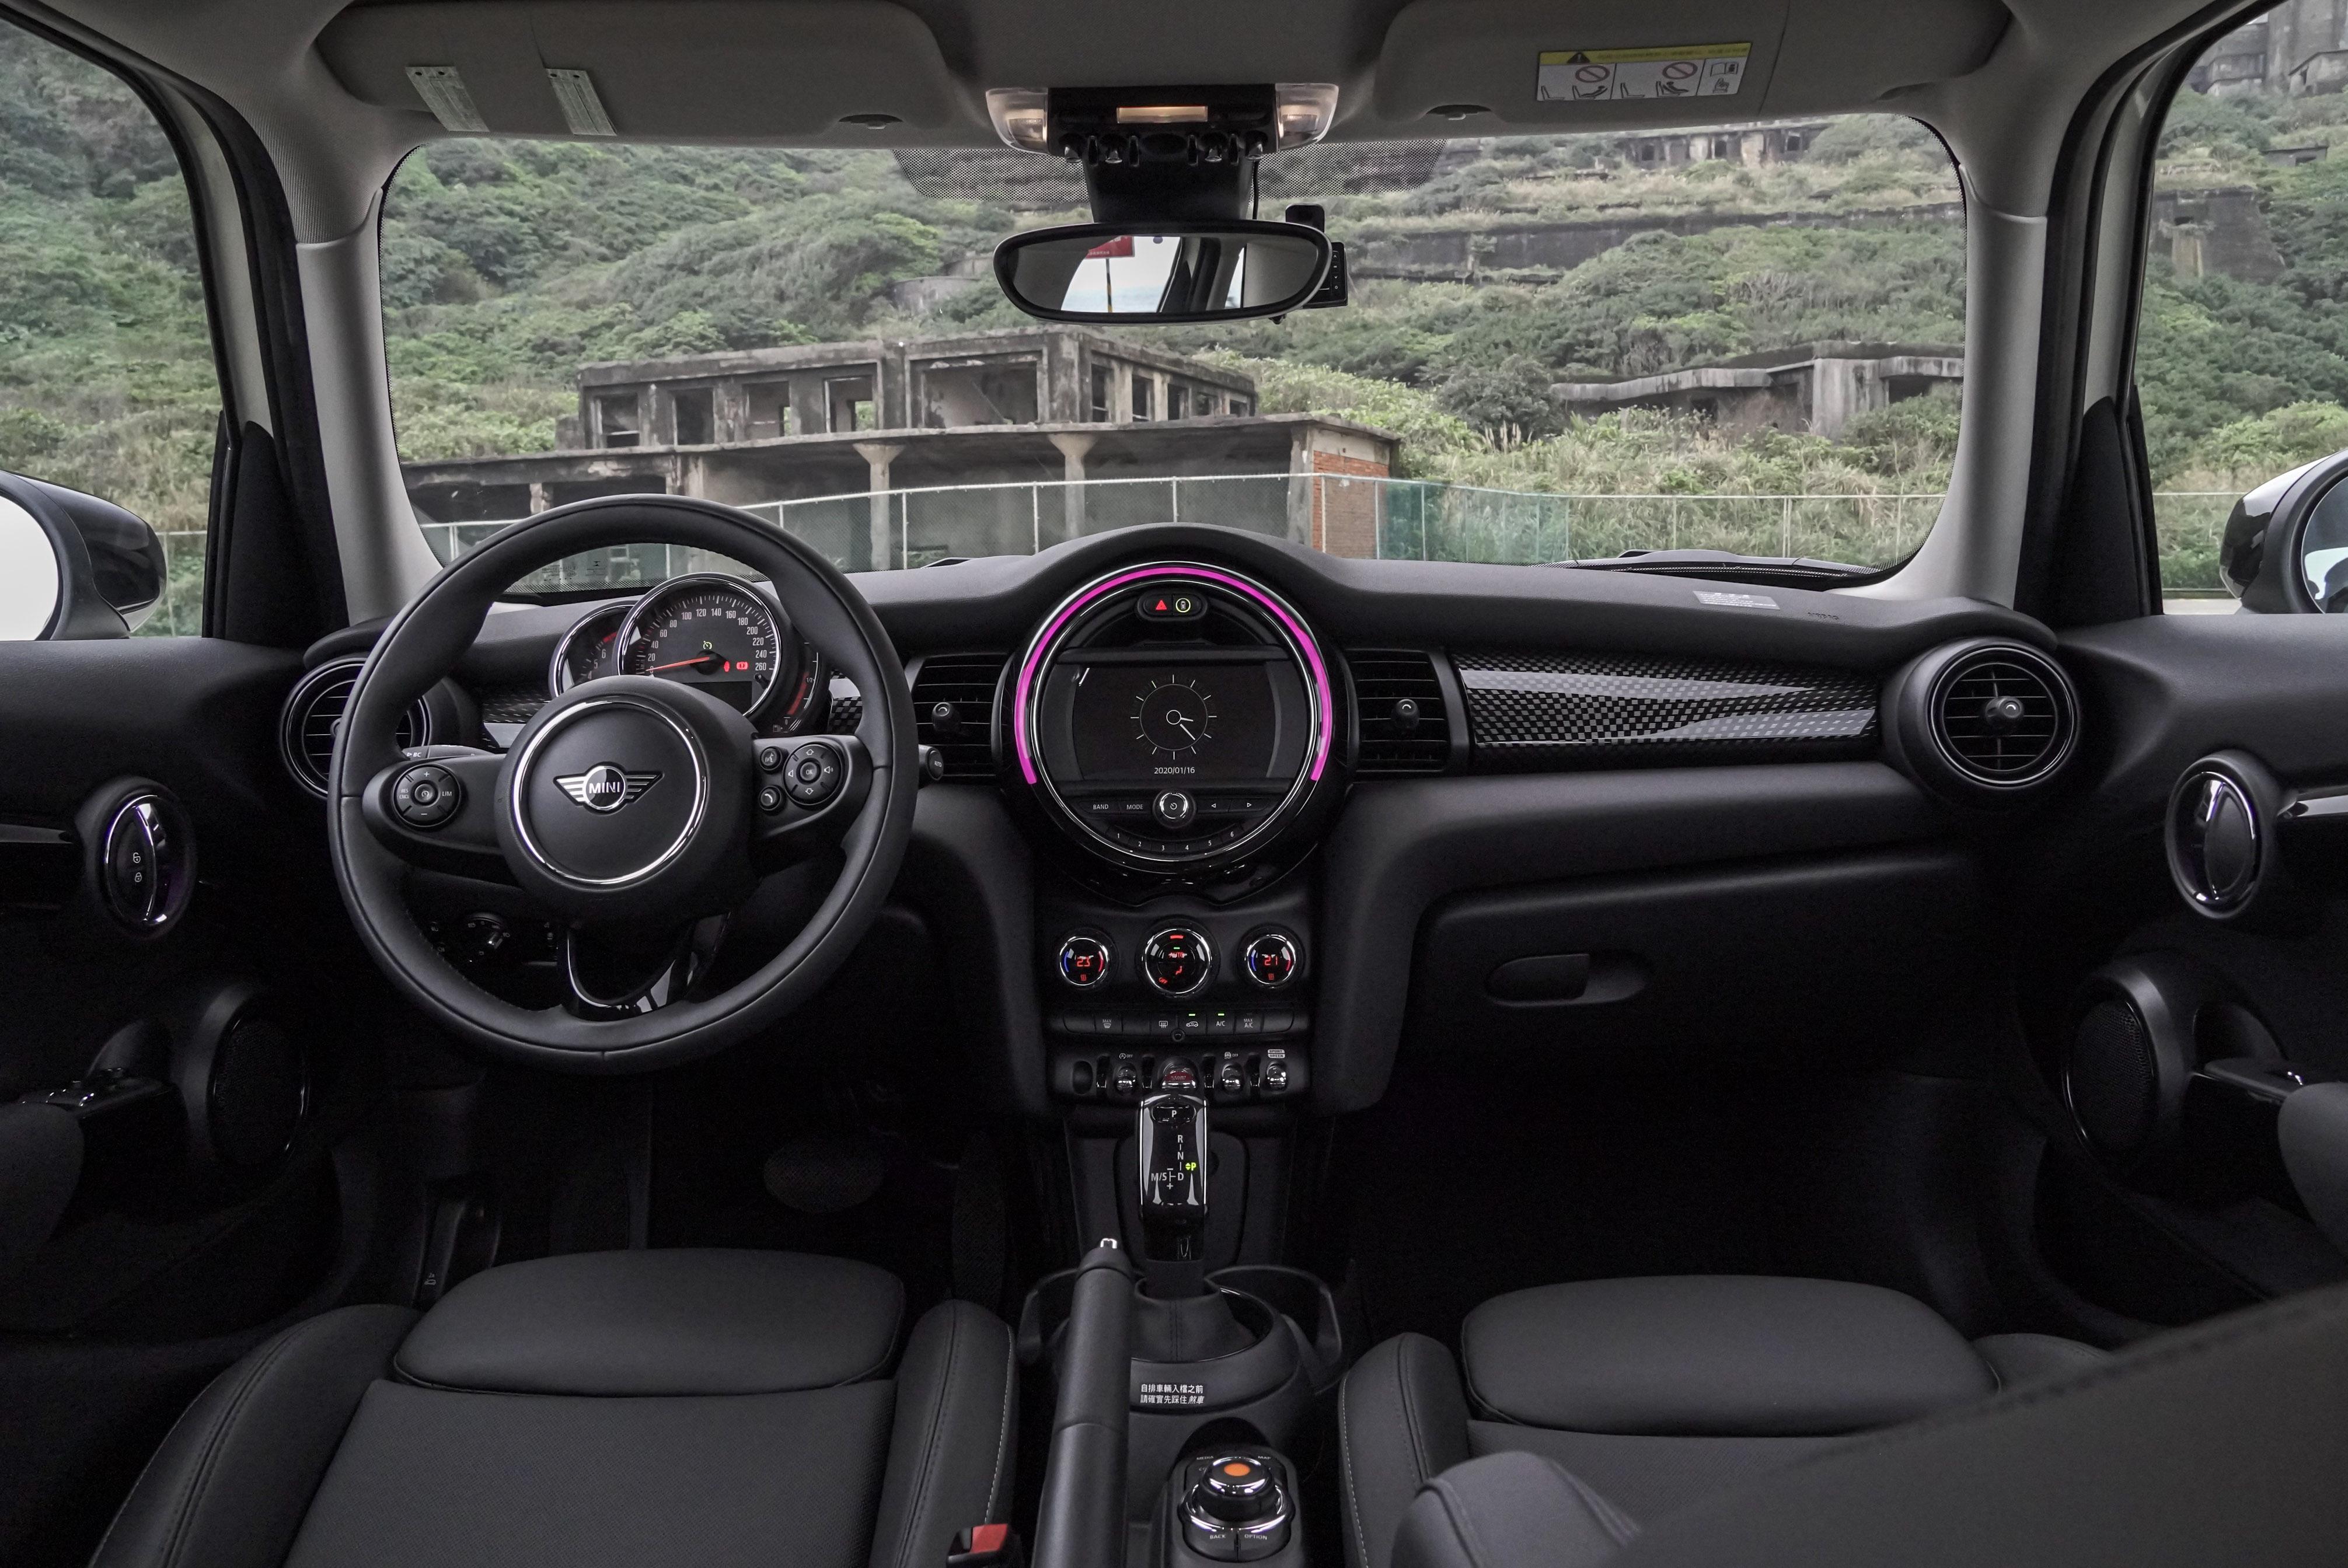 完全標配的 Cooper S,內裝以黑色為主軸,頂棚則是米白色。